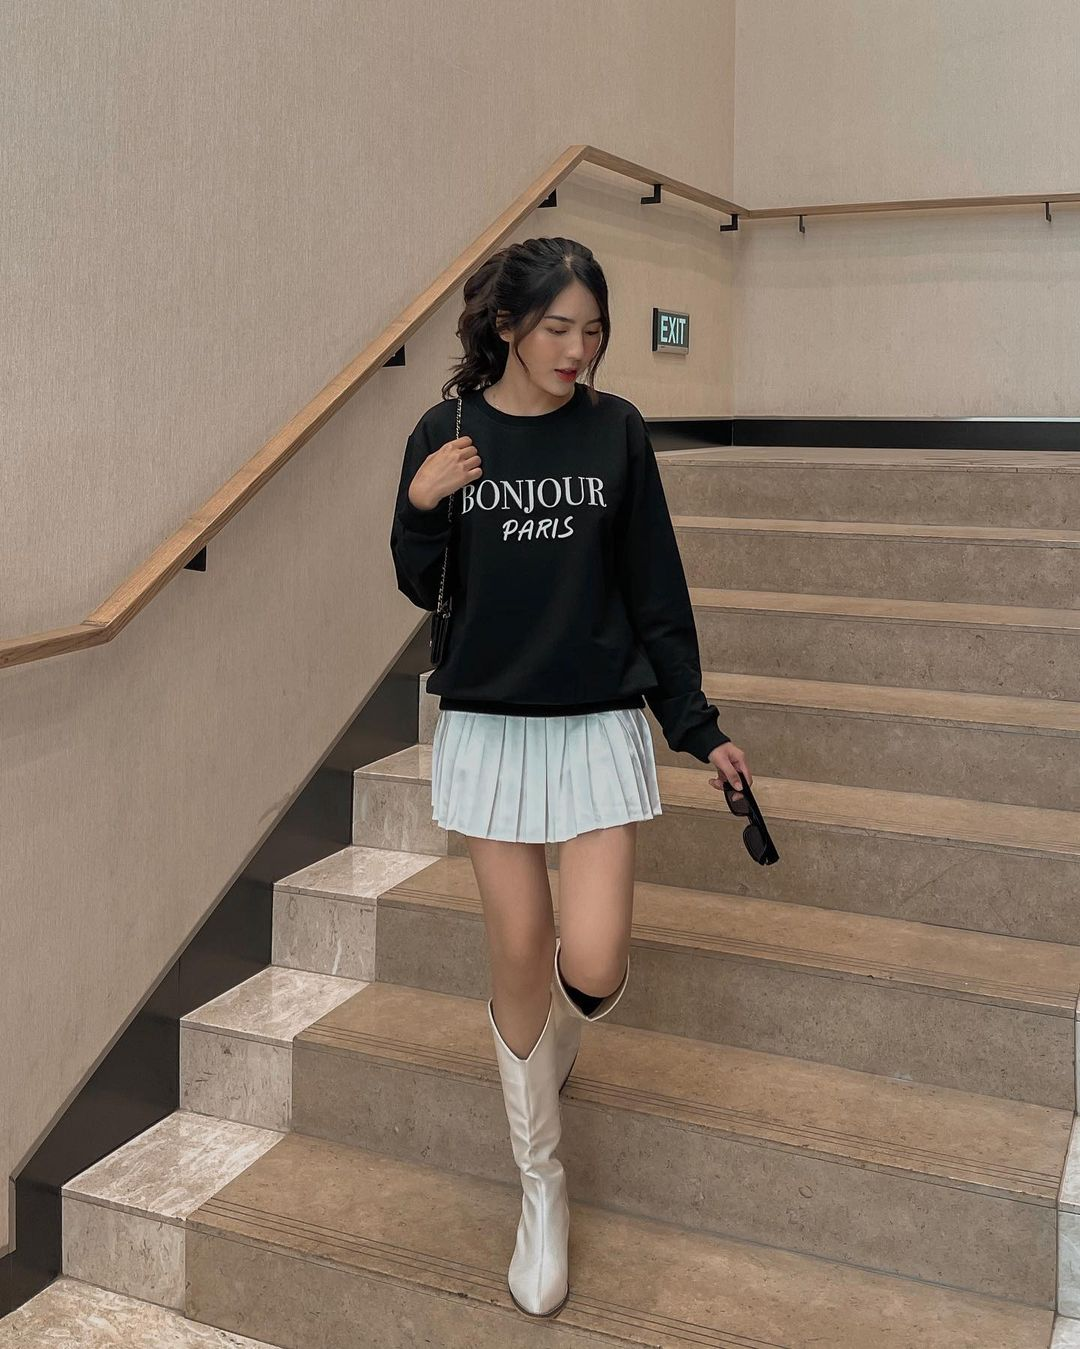 Hoa hậu Đỗ Mỹ Linh cũng fail khi mua hàng online: Order váy nhưng nhầm hàng, đành thanh lý giá iu thương - Ảnh 7.